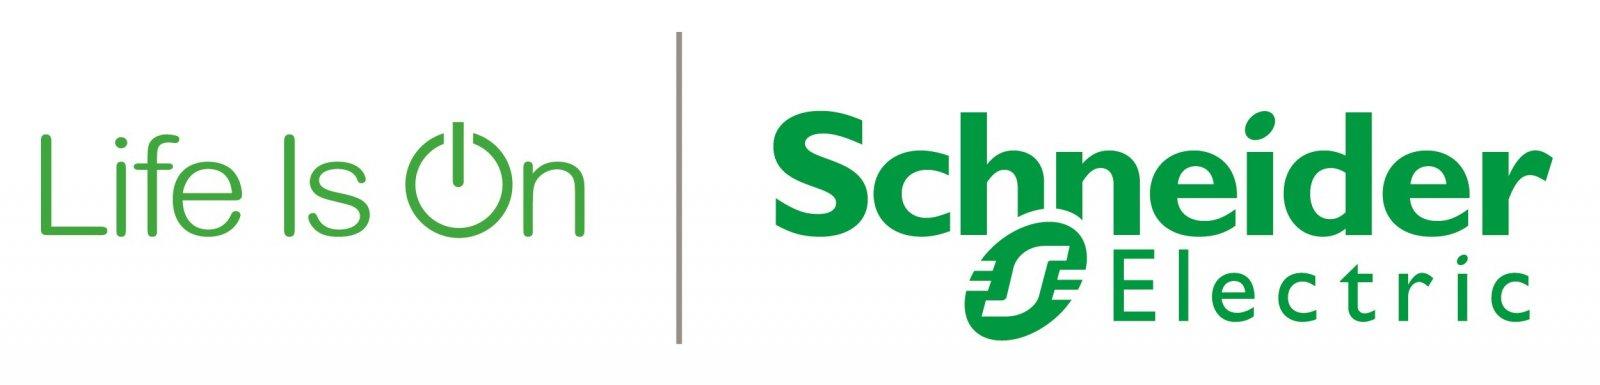 РФПИ подписал соглашение об инвестициях в энергосберегающие технологии с Schneider Electric